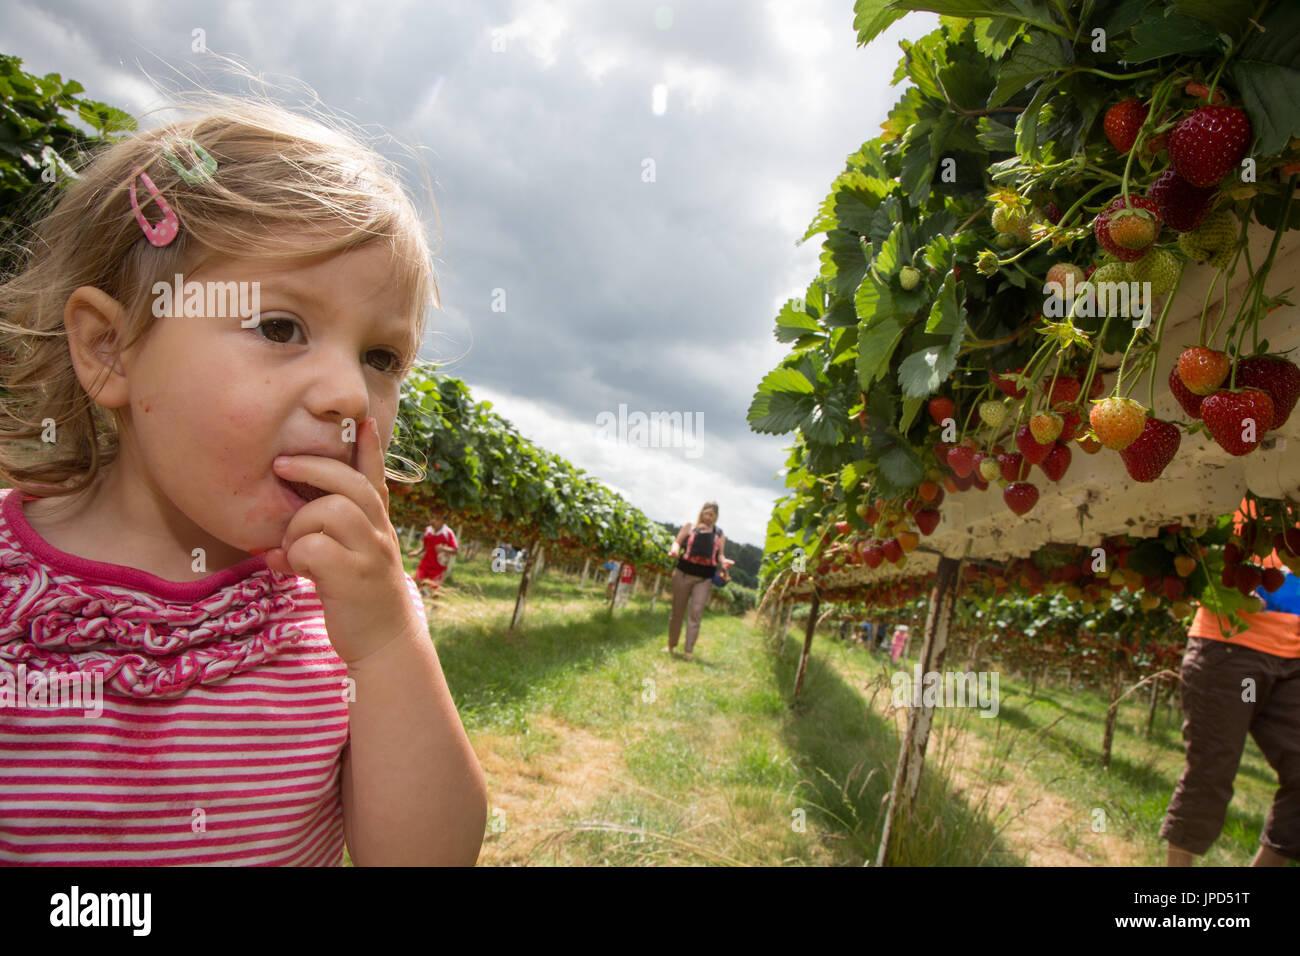 Un niño niña de 18 meses comer fresas en un pick-su propia granja en Inglaterra. Su madre y su hermana de bebé son en el fondo Imagen De Stock